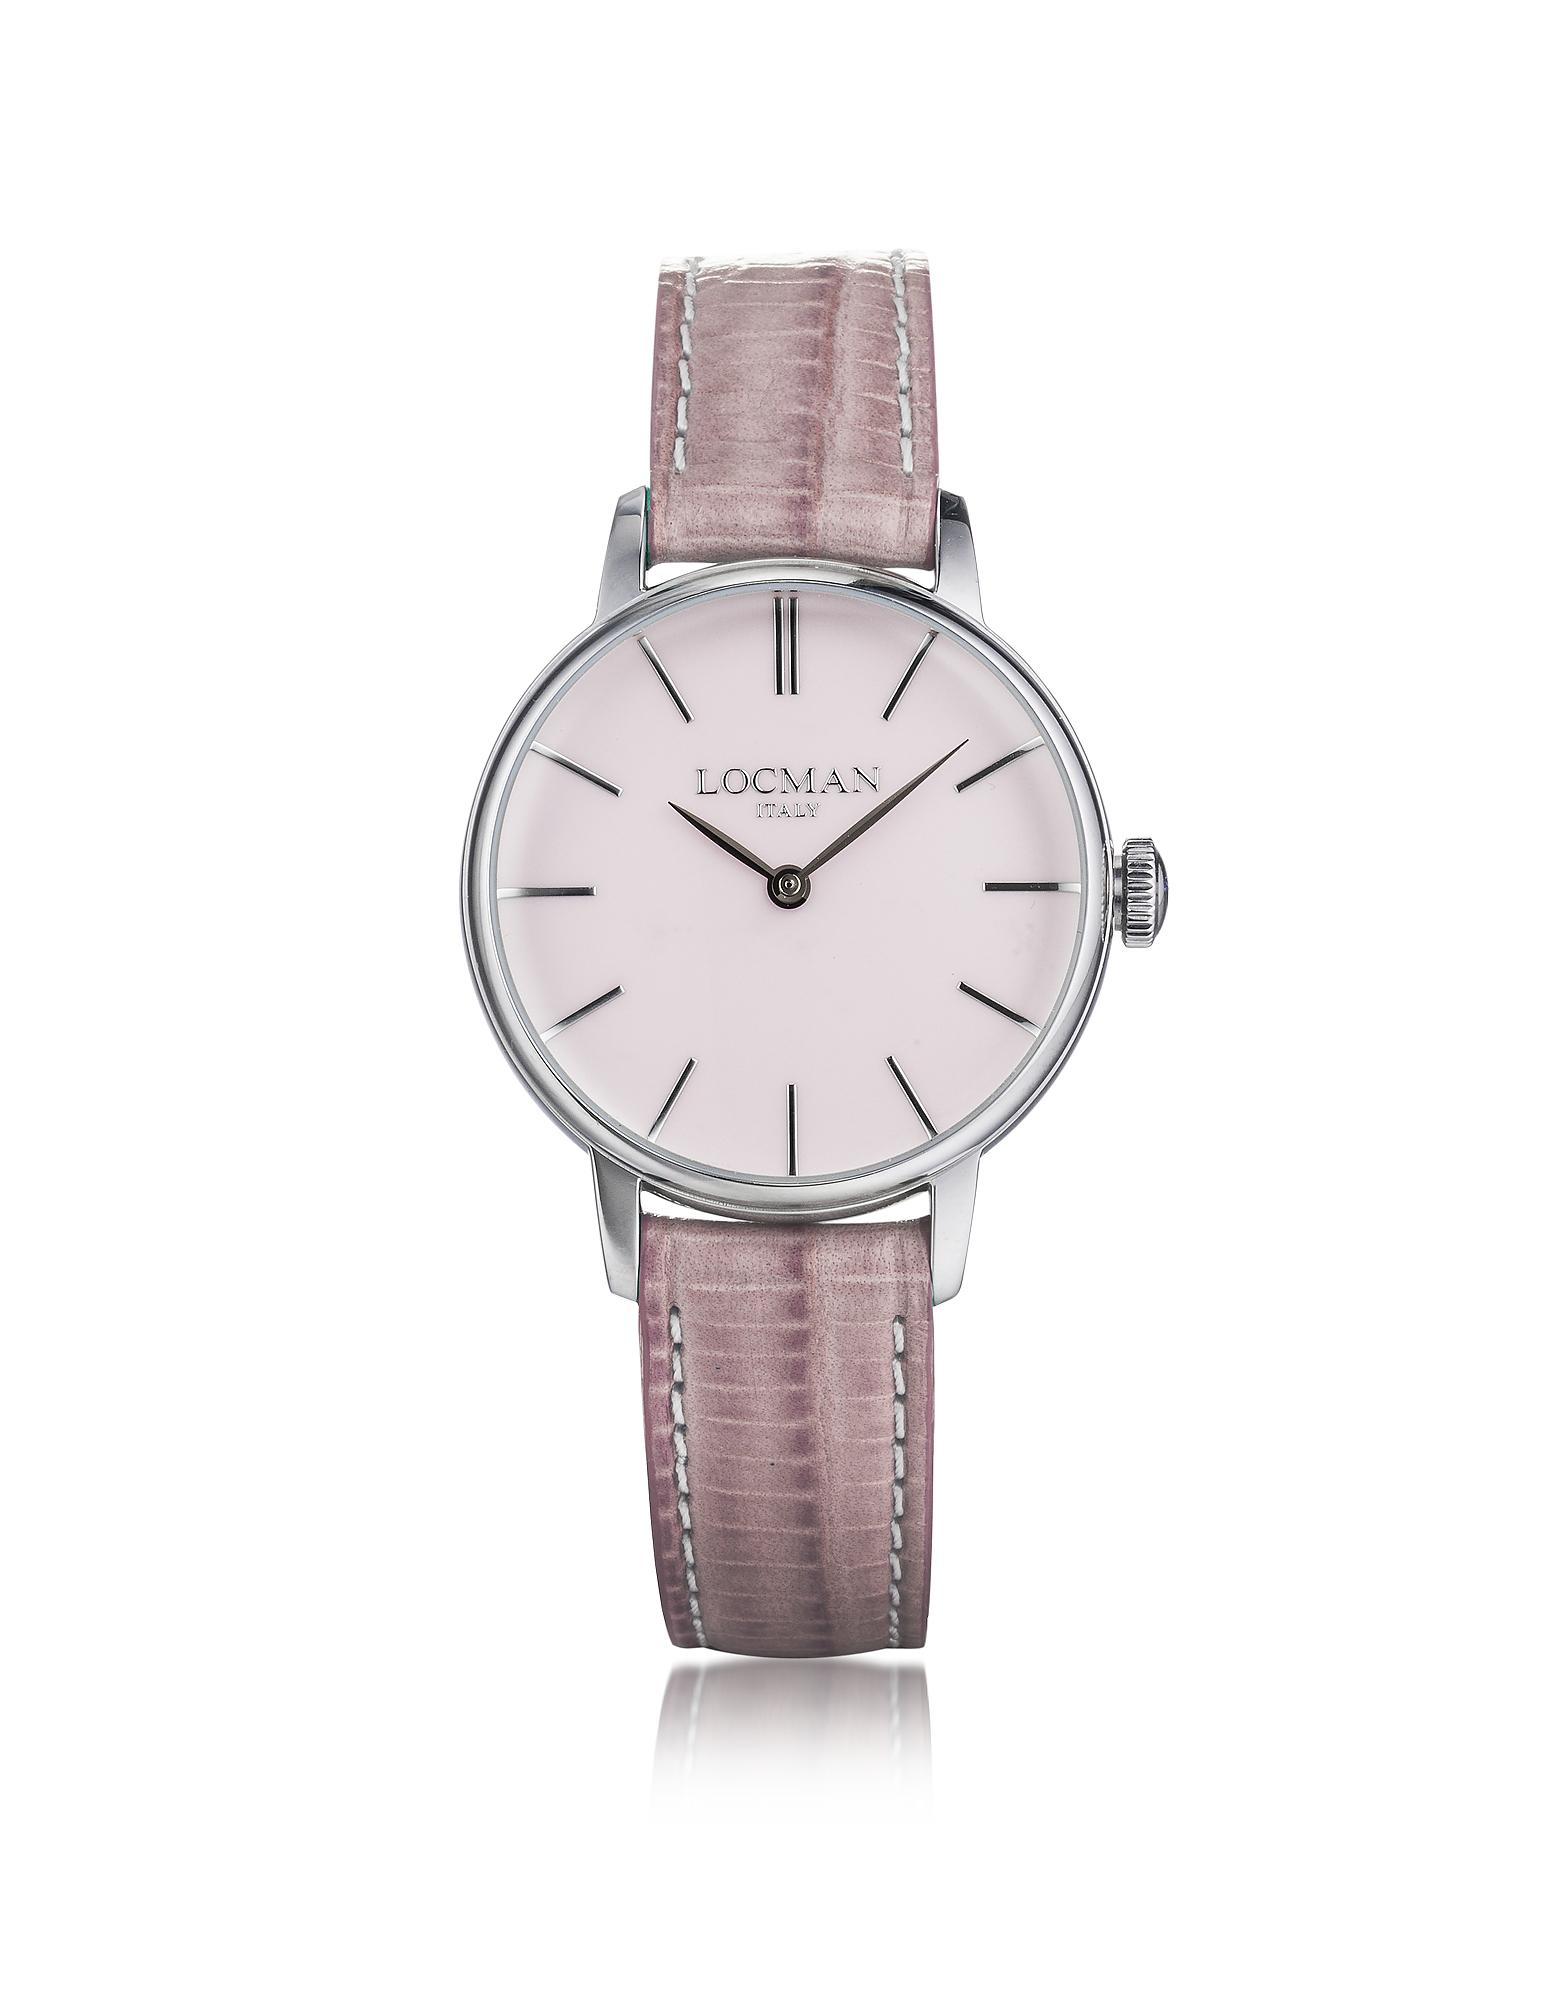 1960 - Серебристые Женские Часы из Нержавеющей Стали с Розовым Ремешком  из Кожи под Крокодиловую